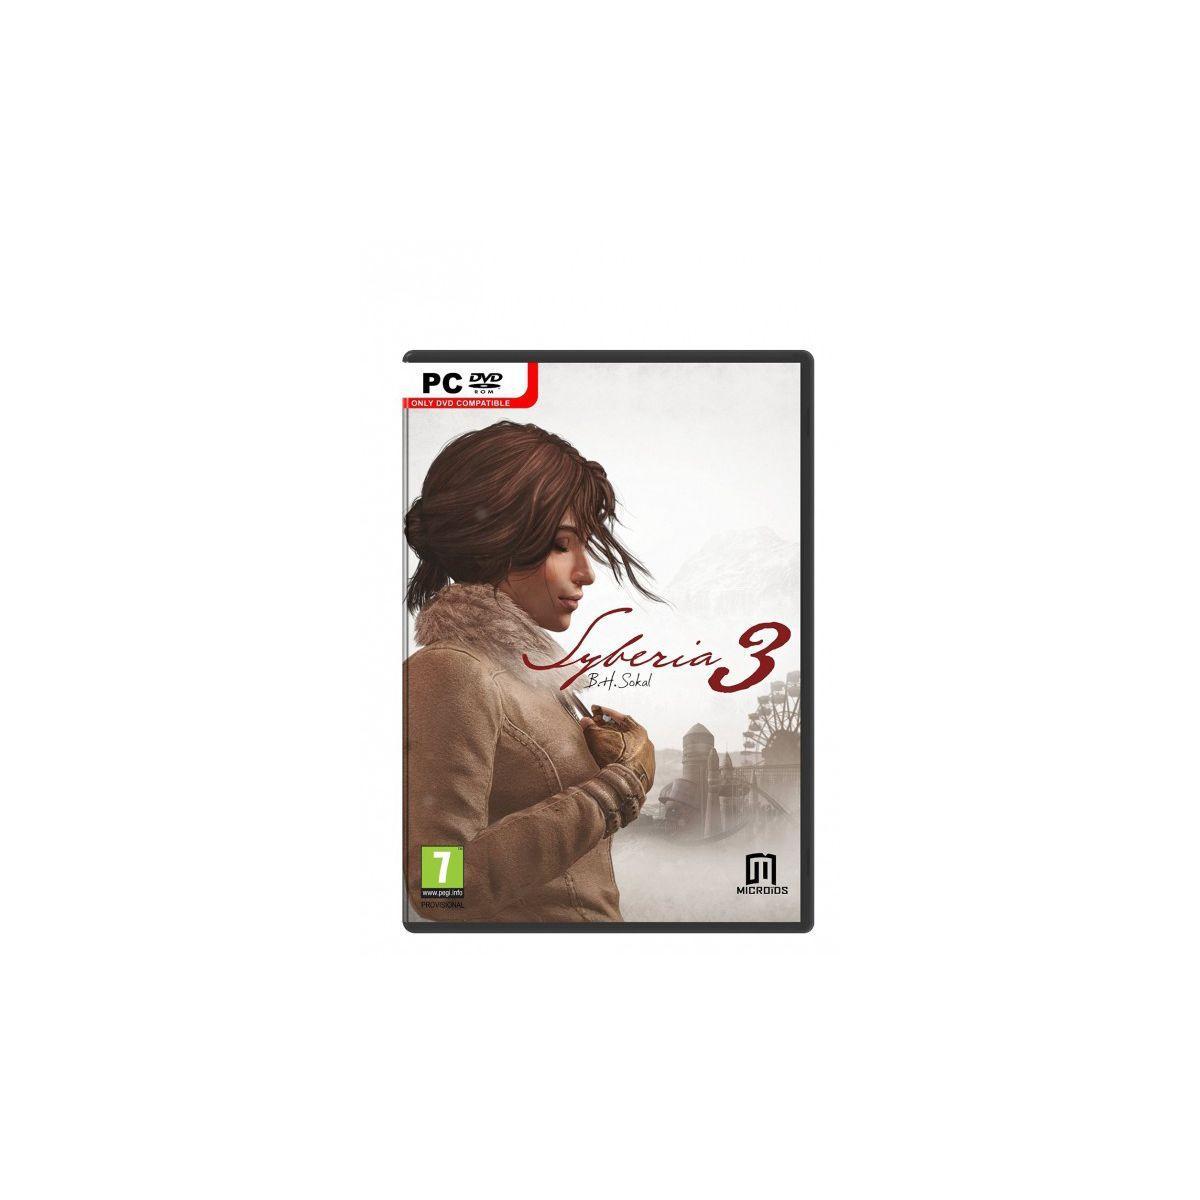 Jeu pc just for games syberia 3 - 3% de remise immédiate avec le code : multi3 (photo)